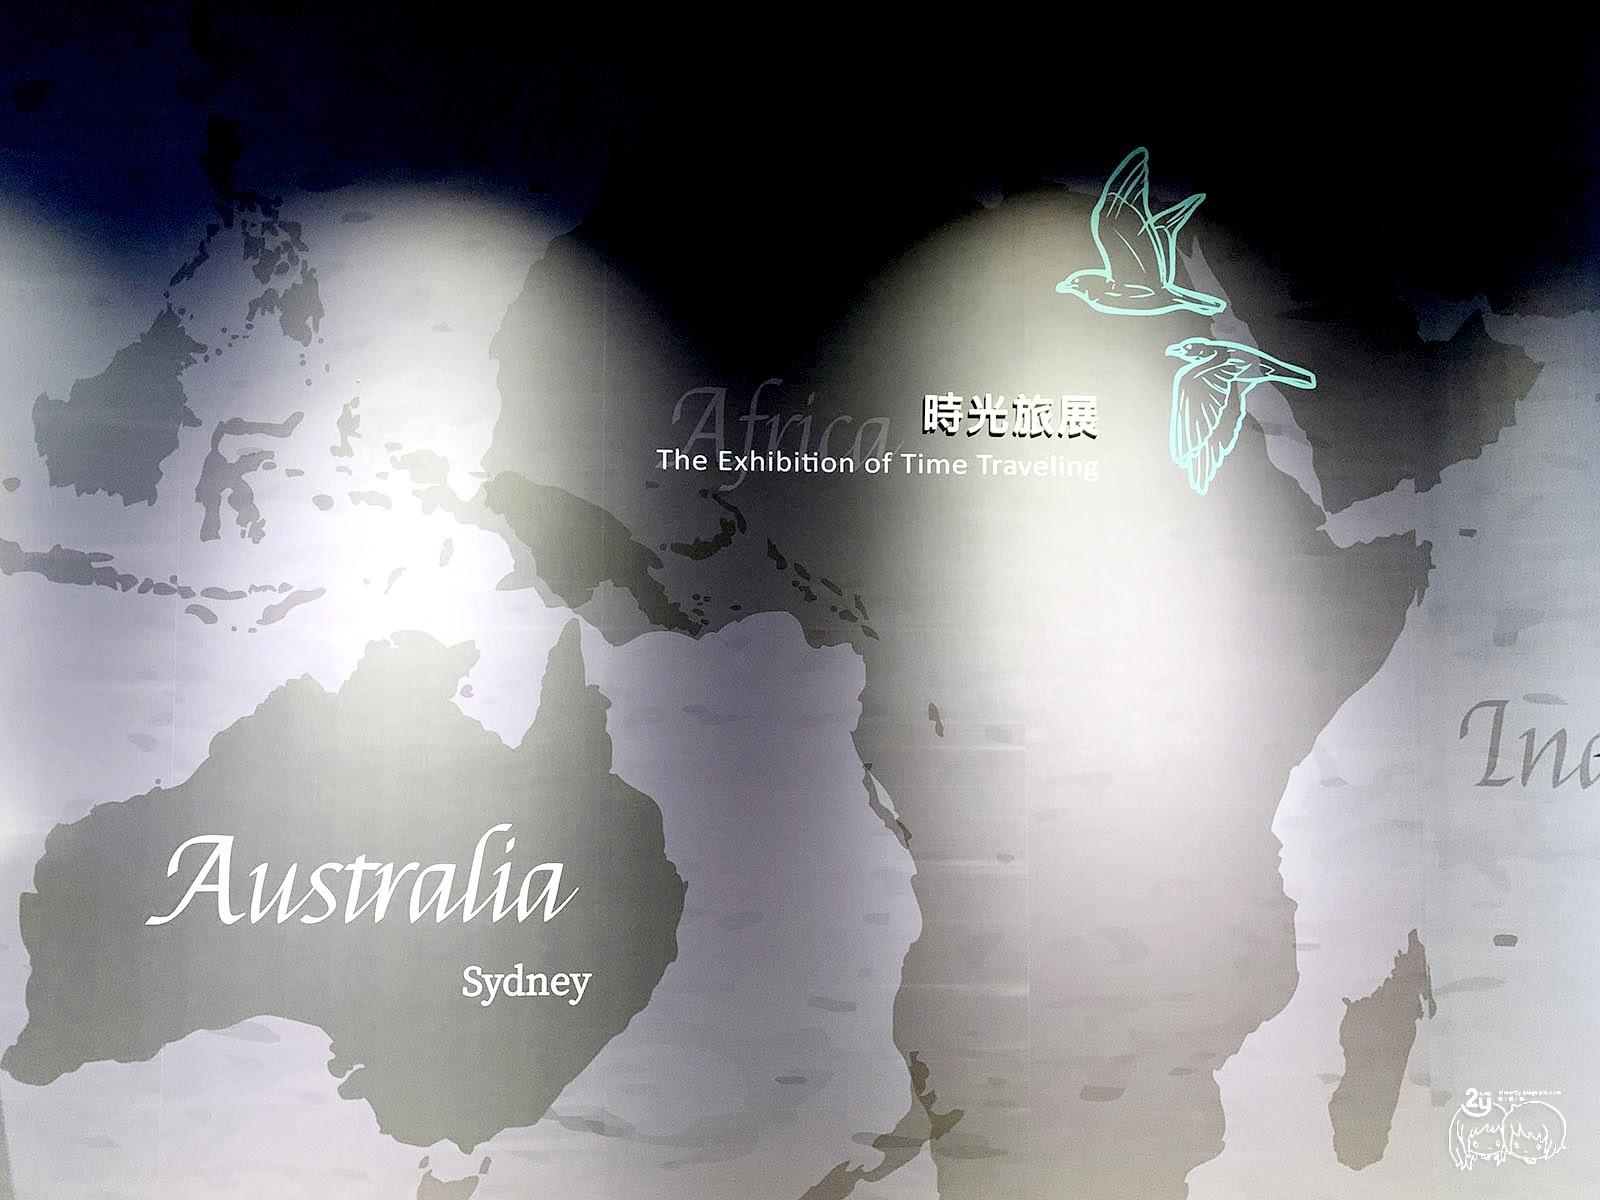 台南|歸仁 【萬國通路創意觀光工廠】全台首家行李箱主題王國|帶你體驗eminent的奧妙|歸仁親子旅遊|台南高鐵景點